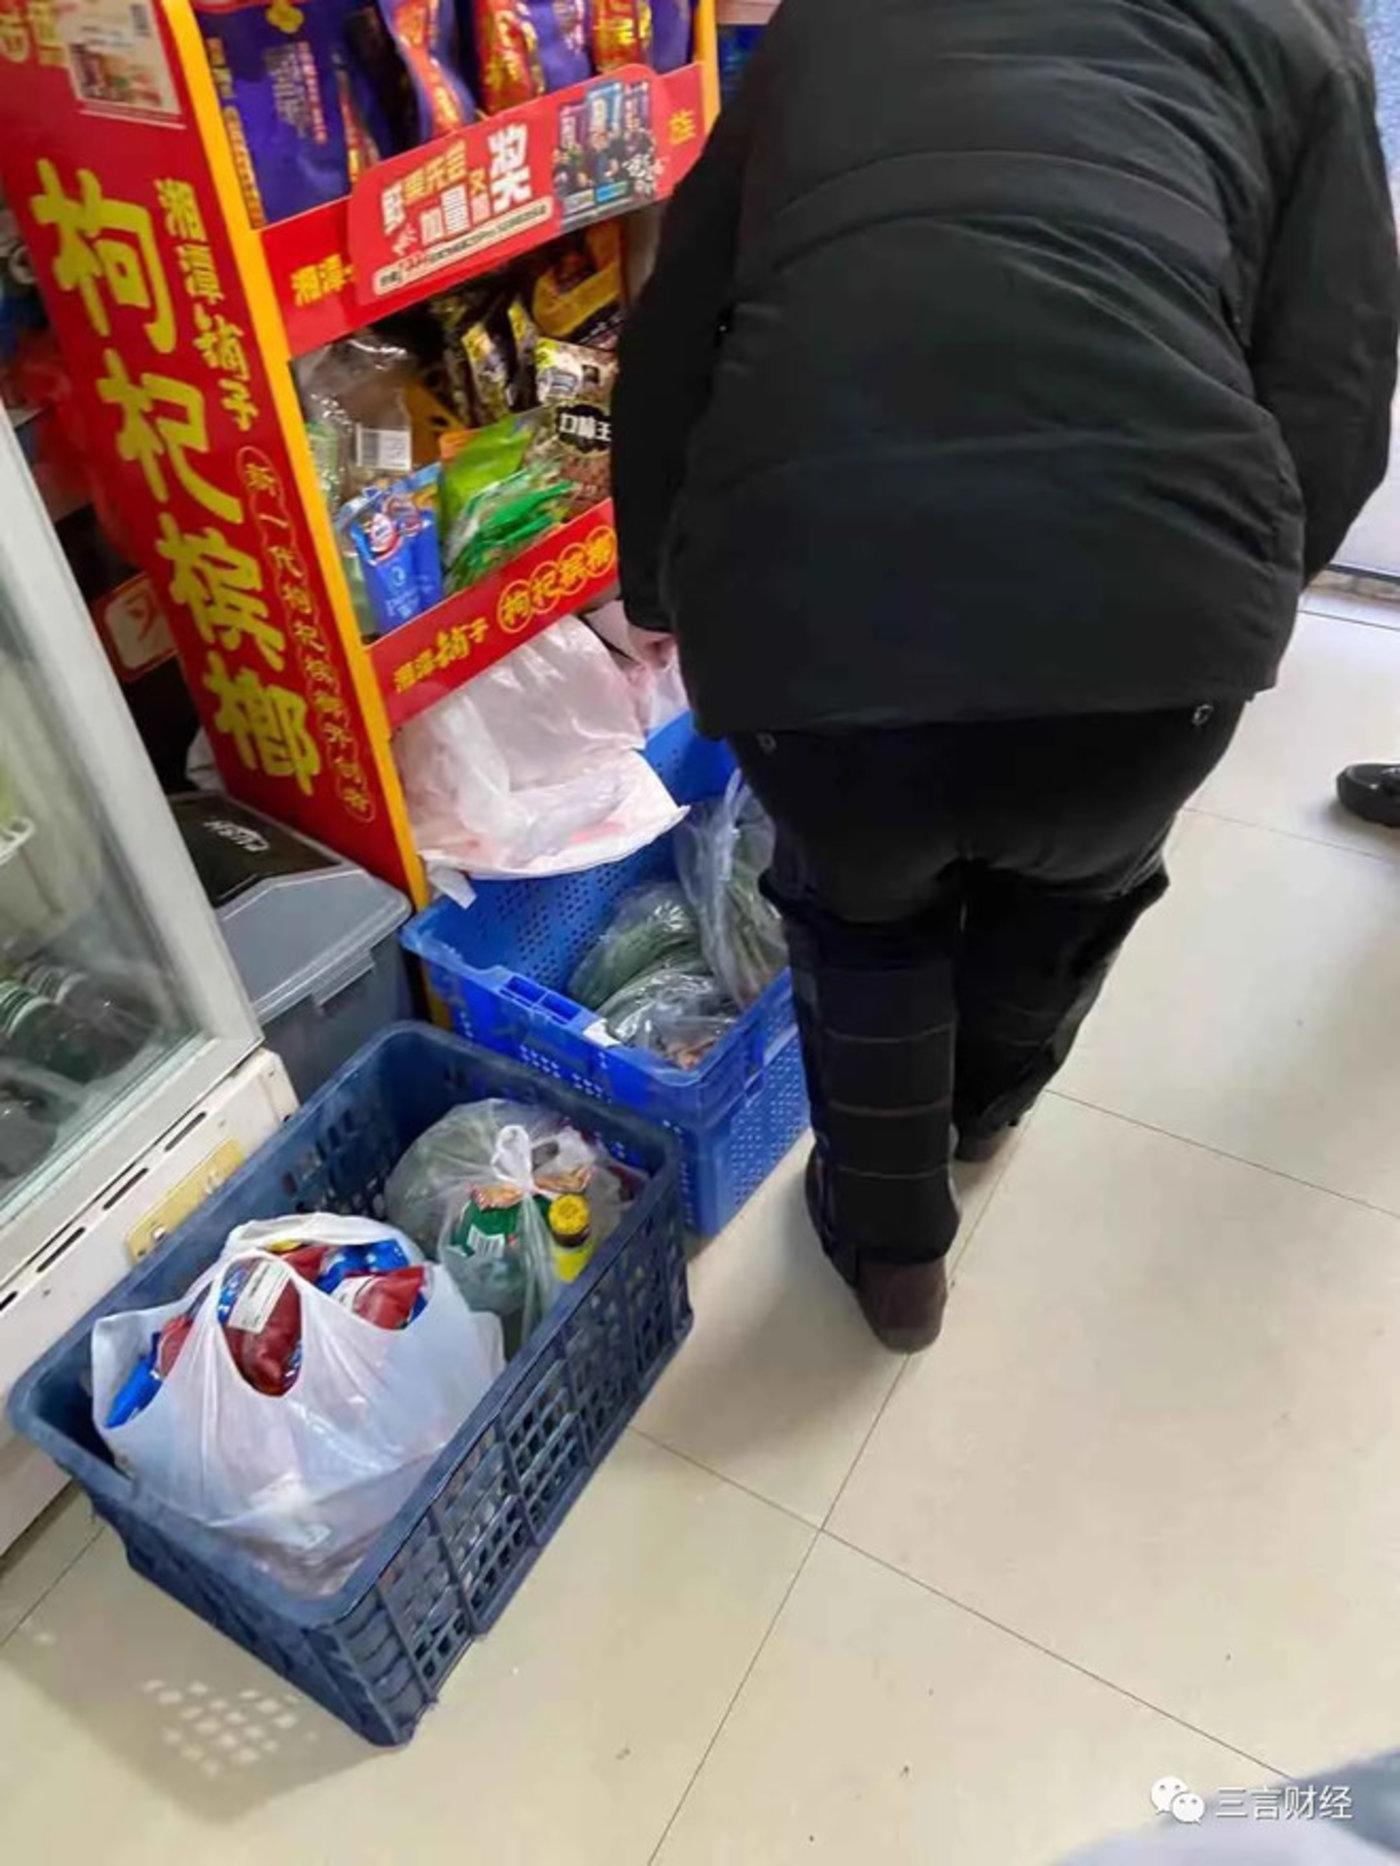 兴盛优选自提点实际上是个小超市